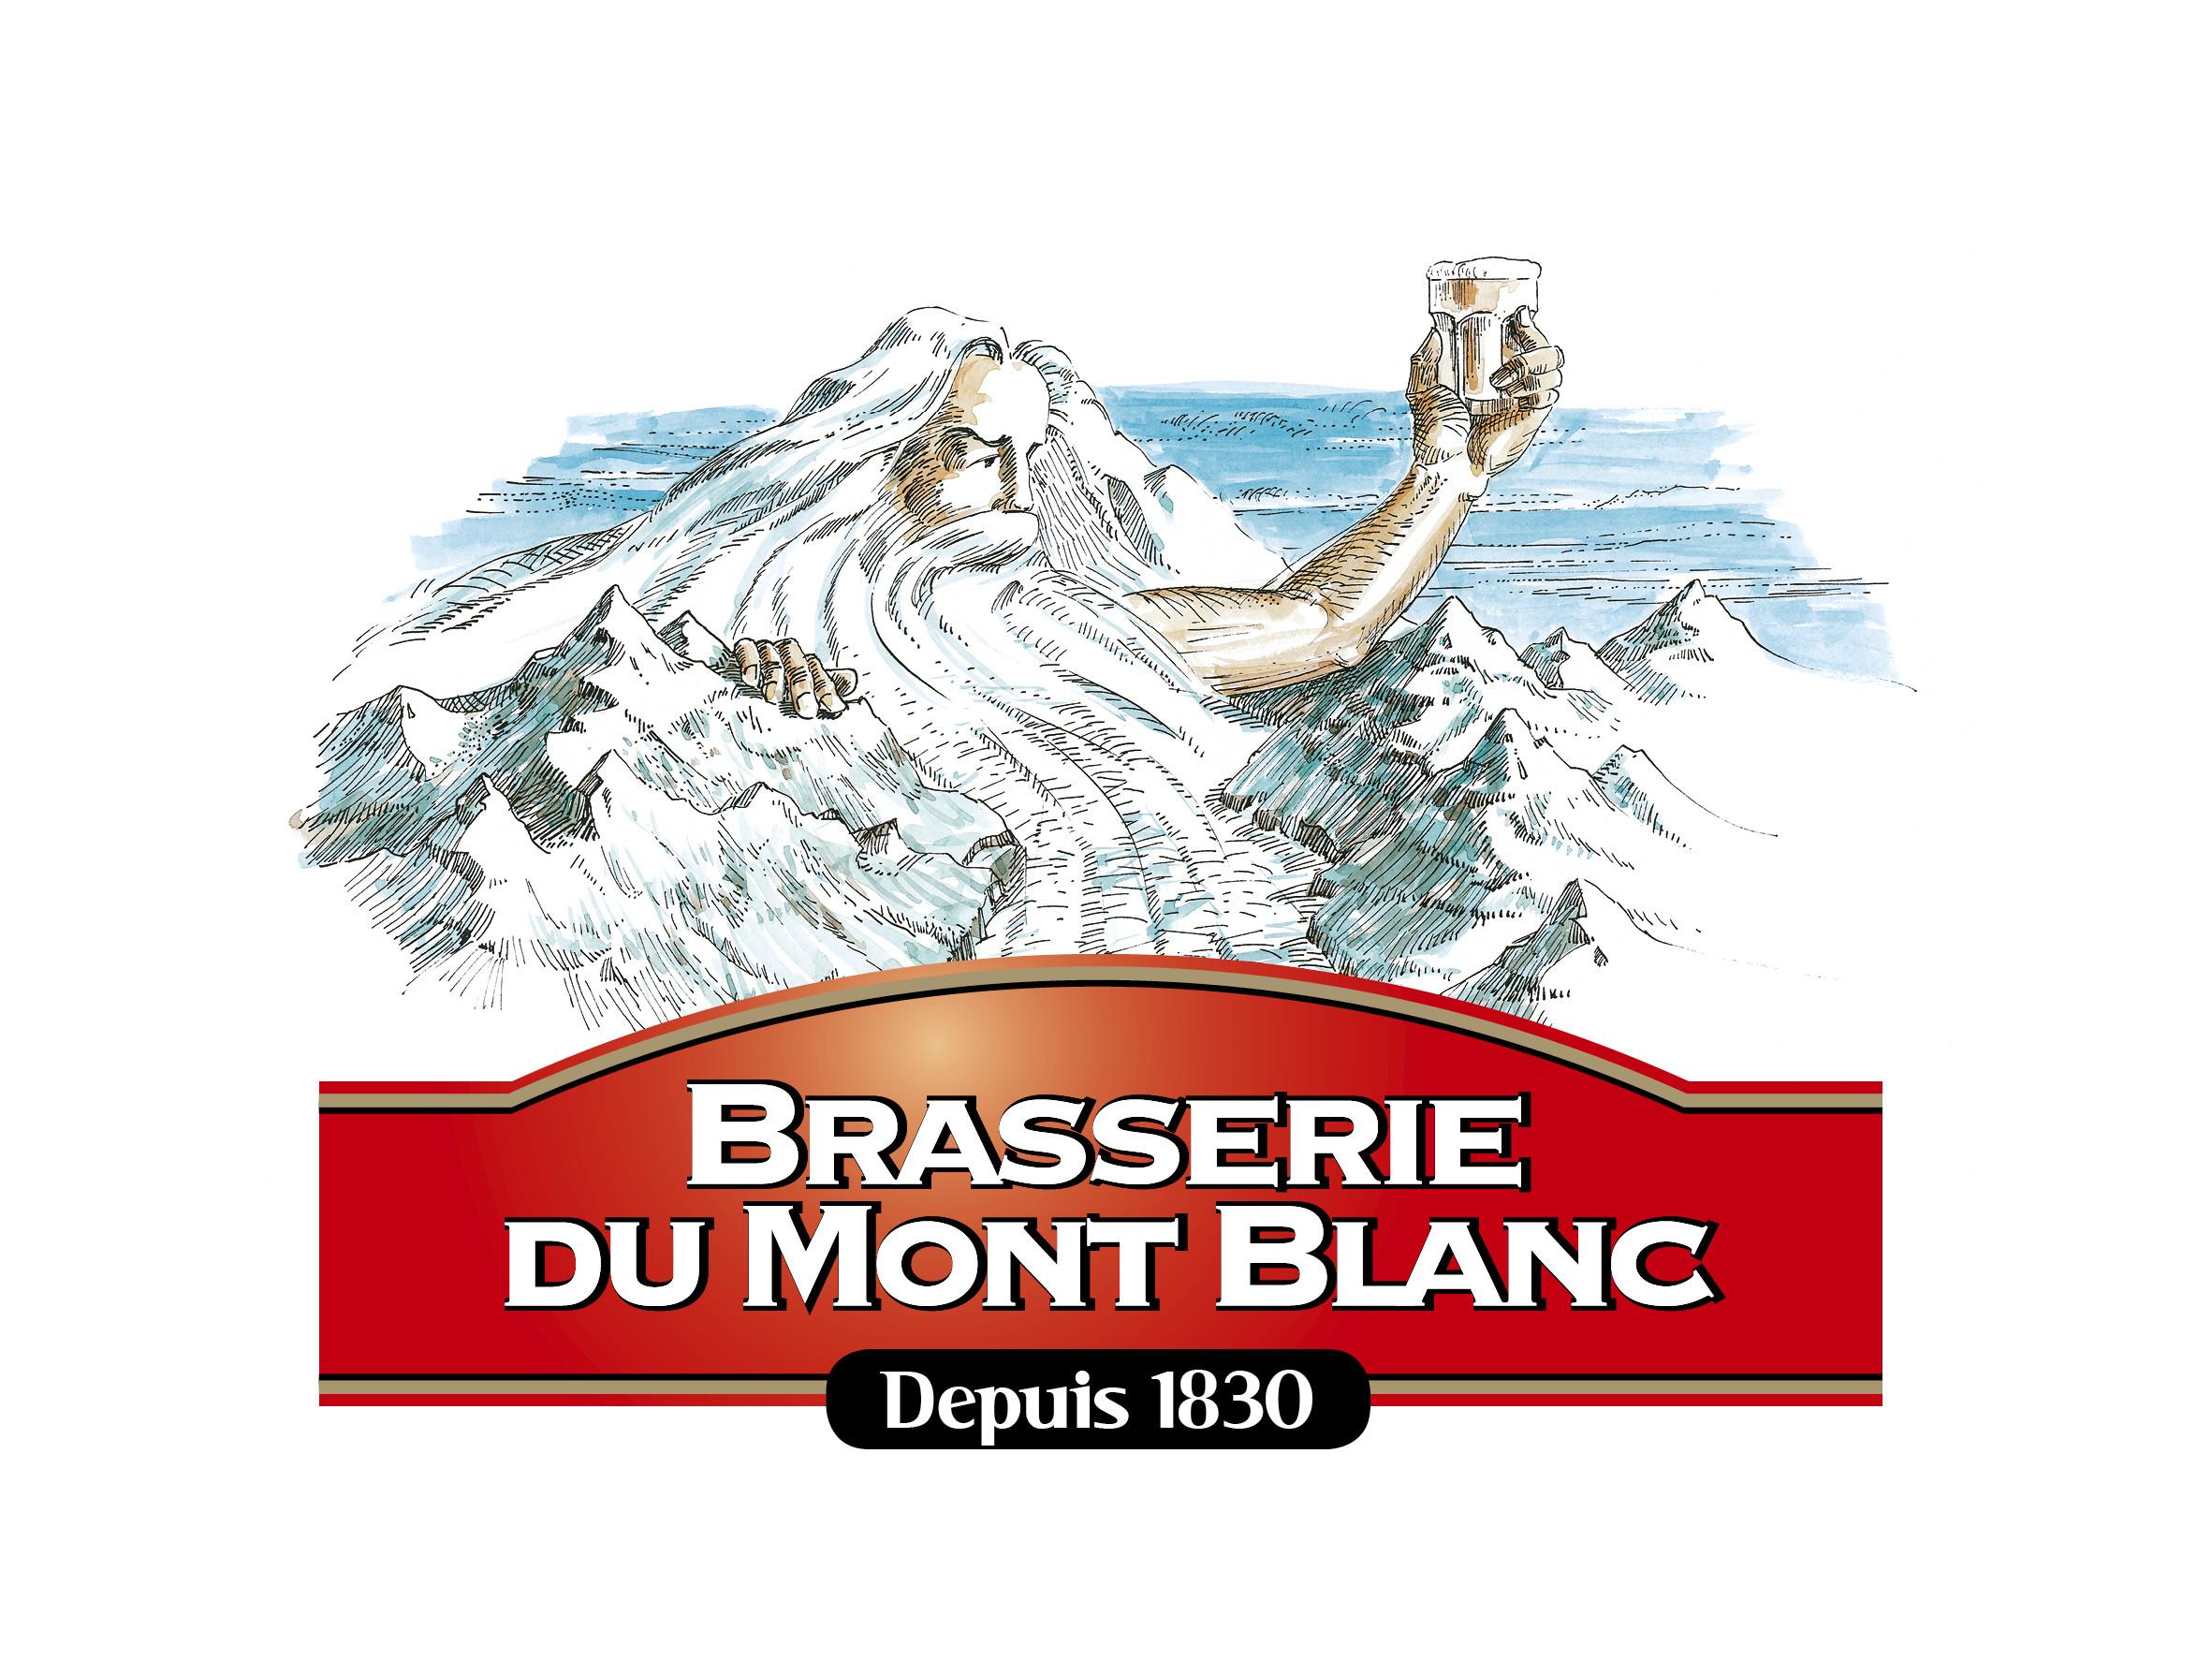 BRASSERIE DU MONT-BLANC